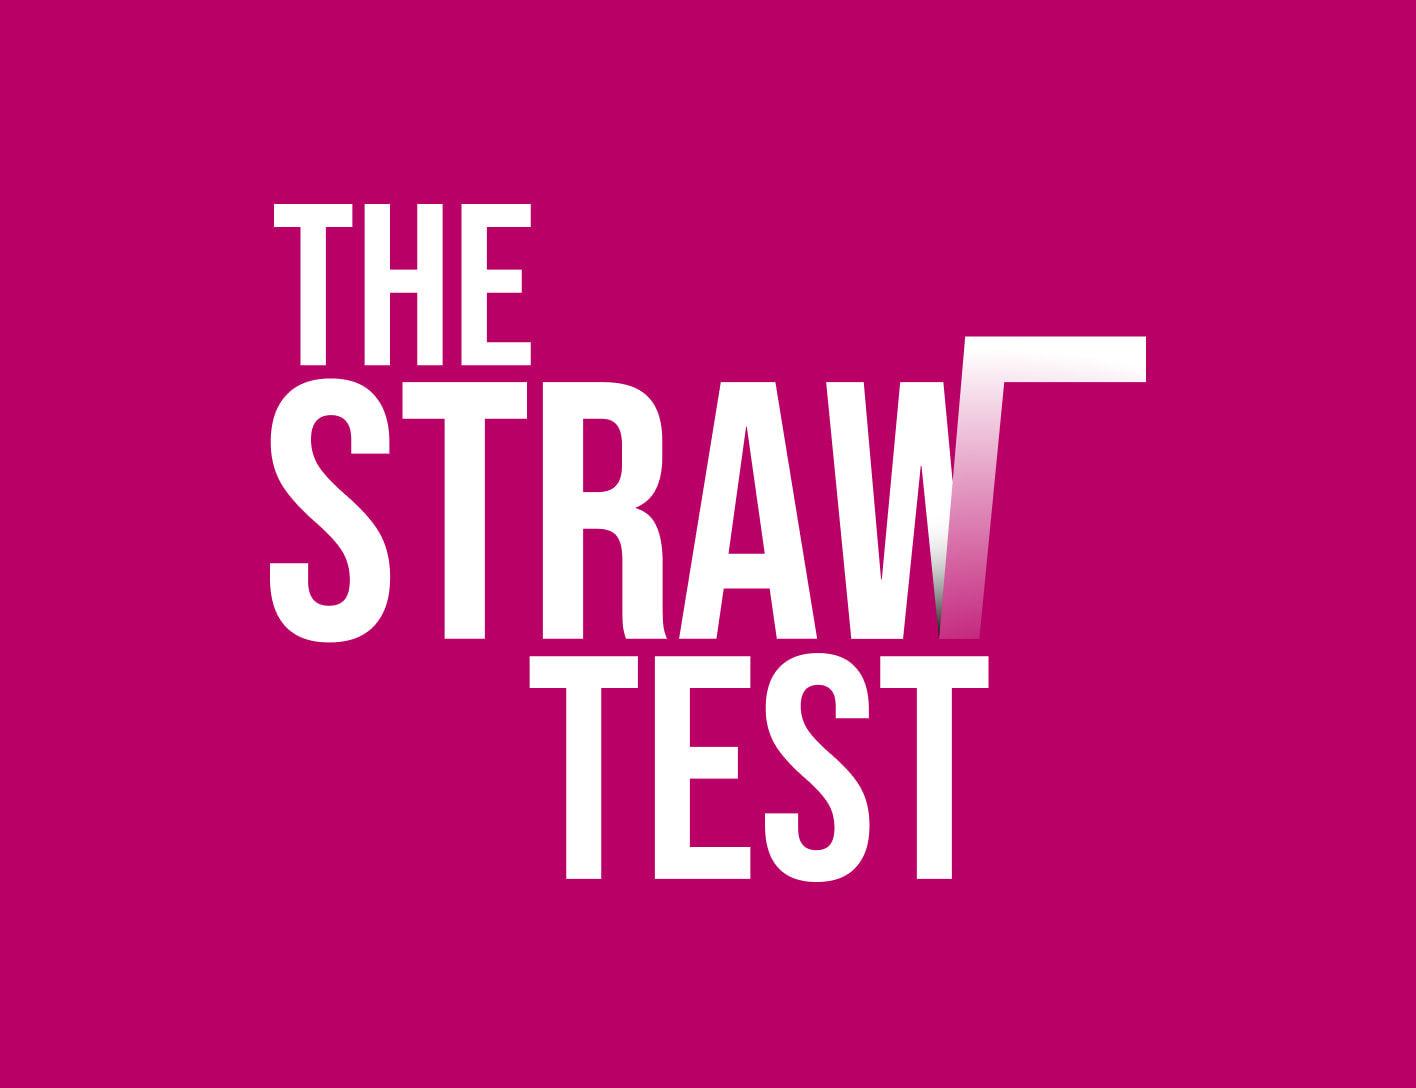 The Straw Test challenge